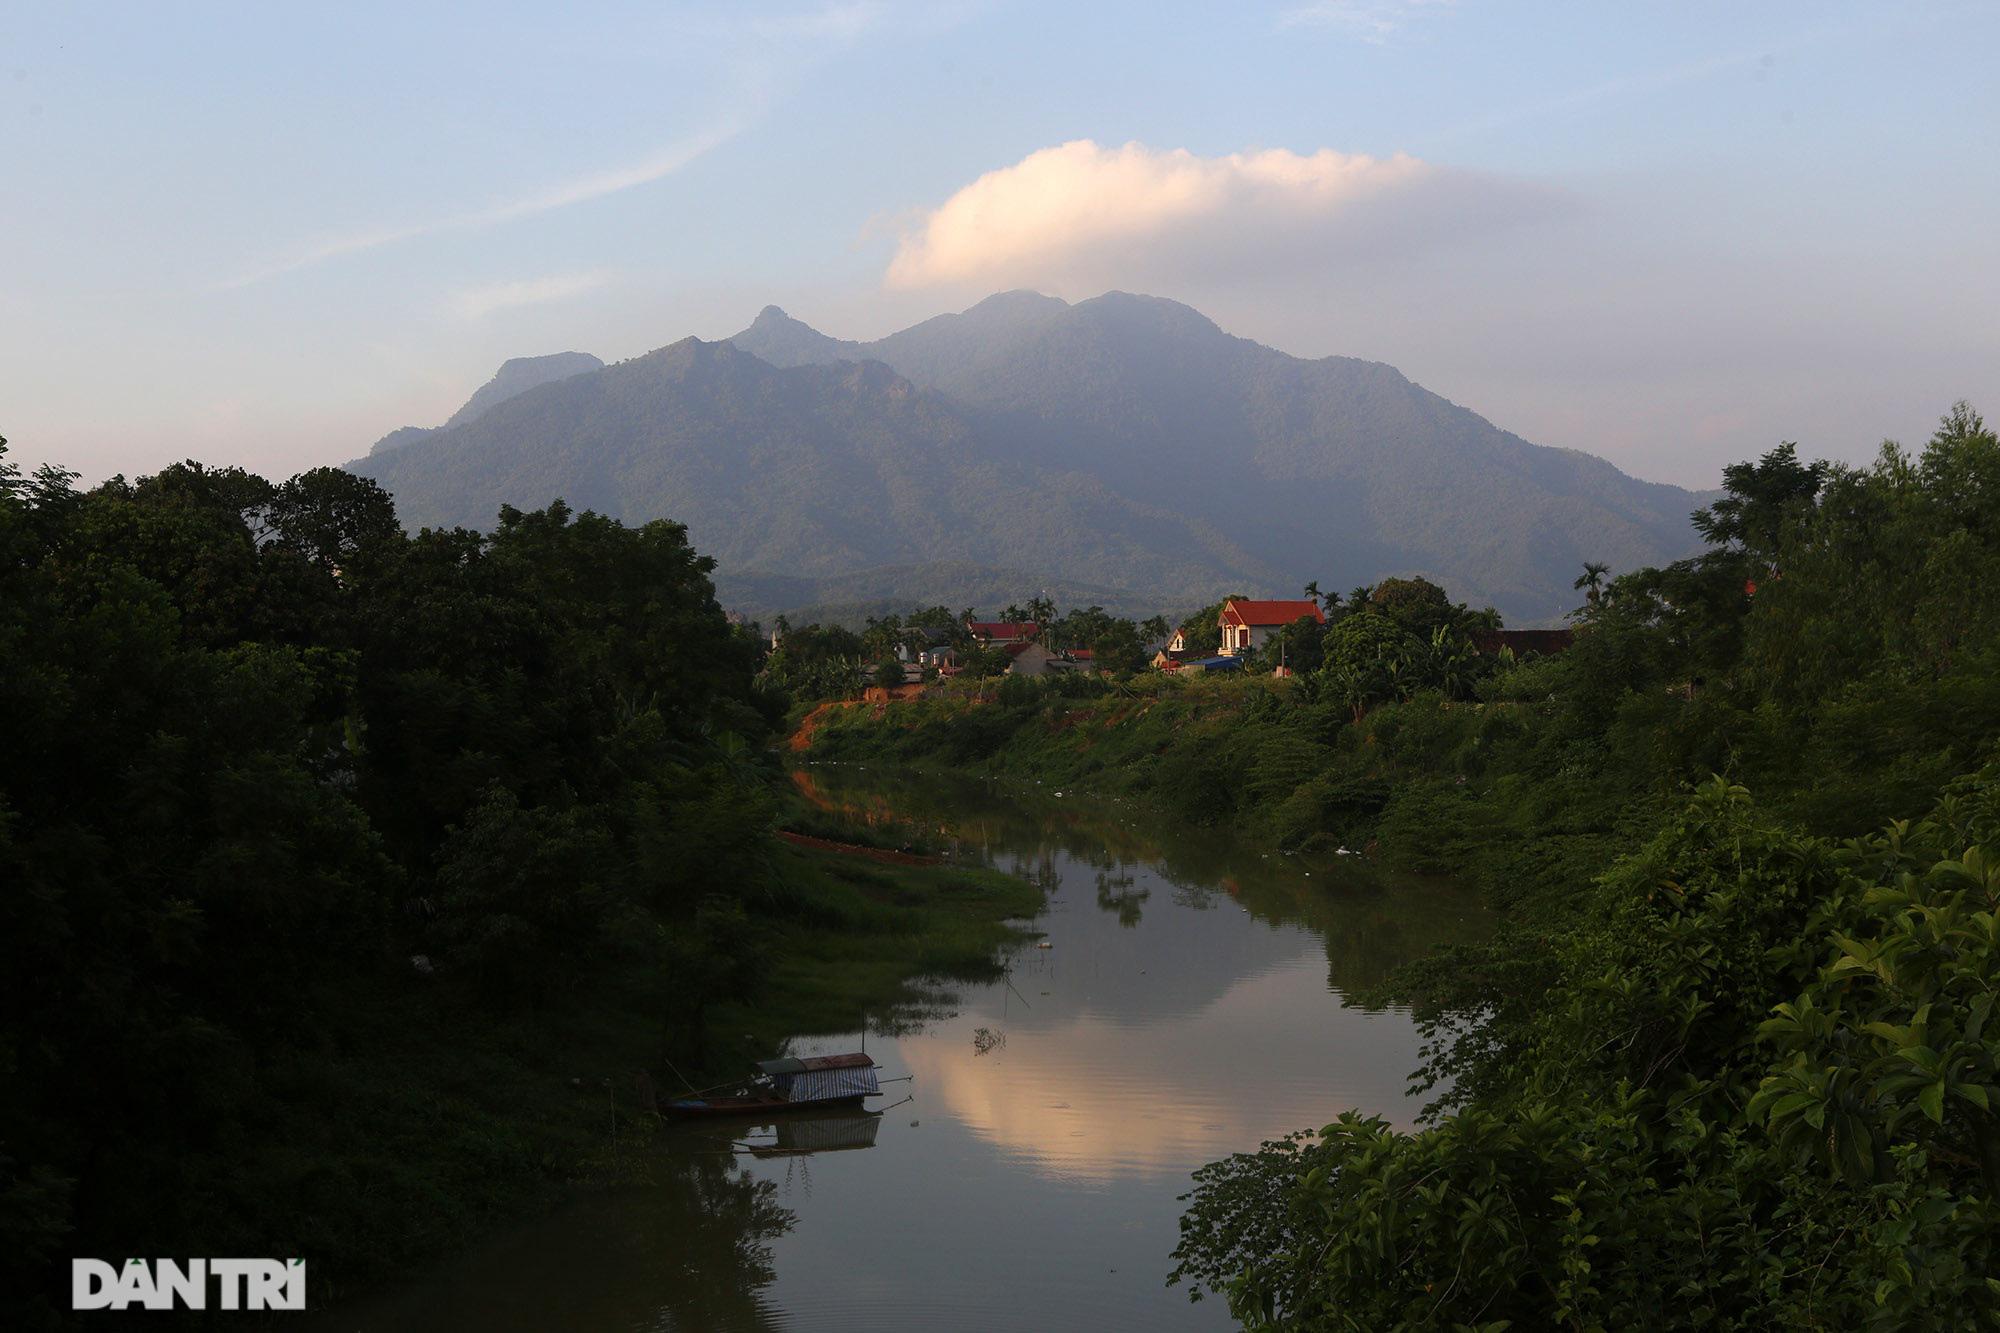 Núi thiêng gần Hà Nội đẹp mê mải nhìn từ muôn phương tám hướng - Ảnh 14.